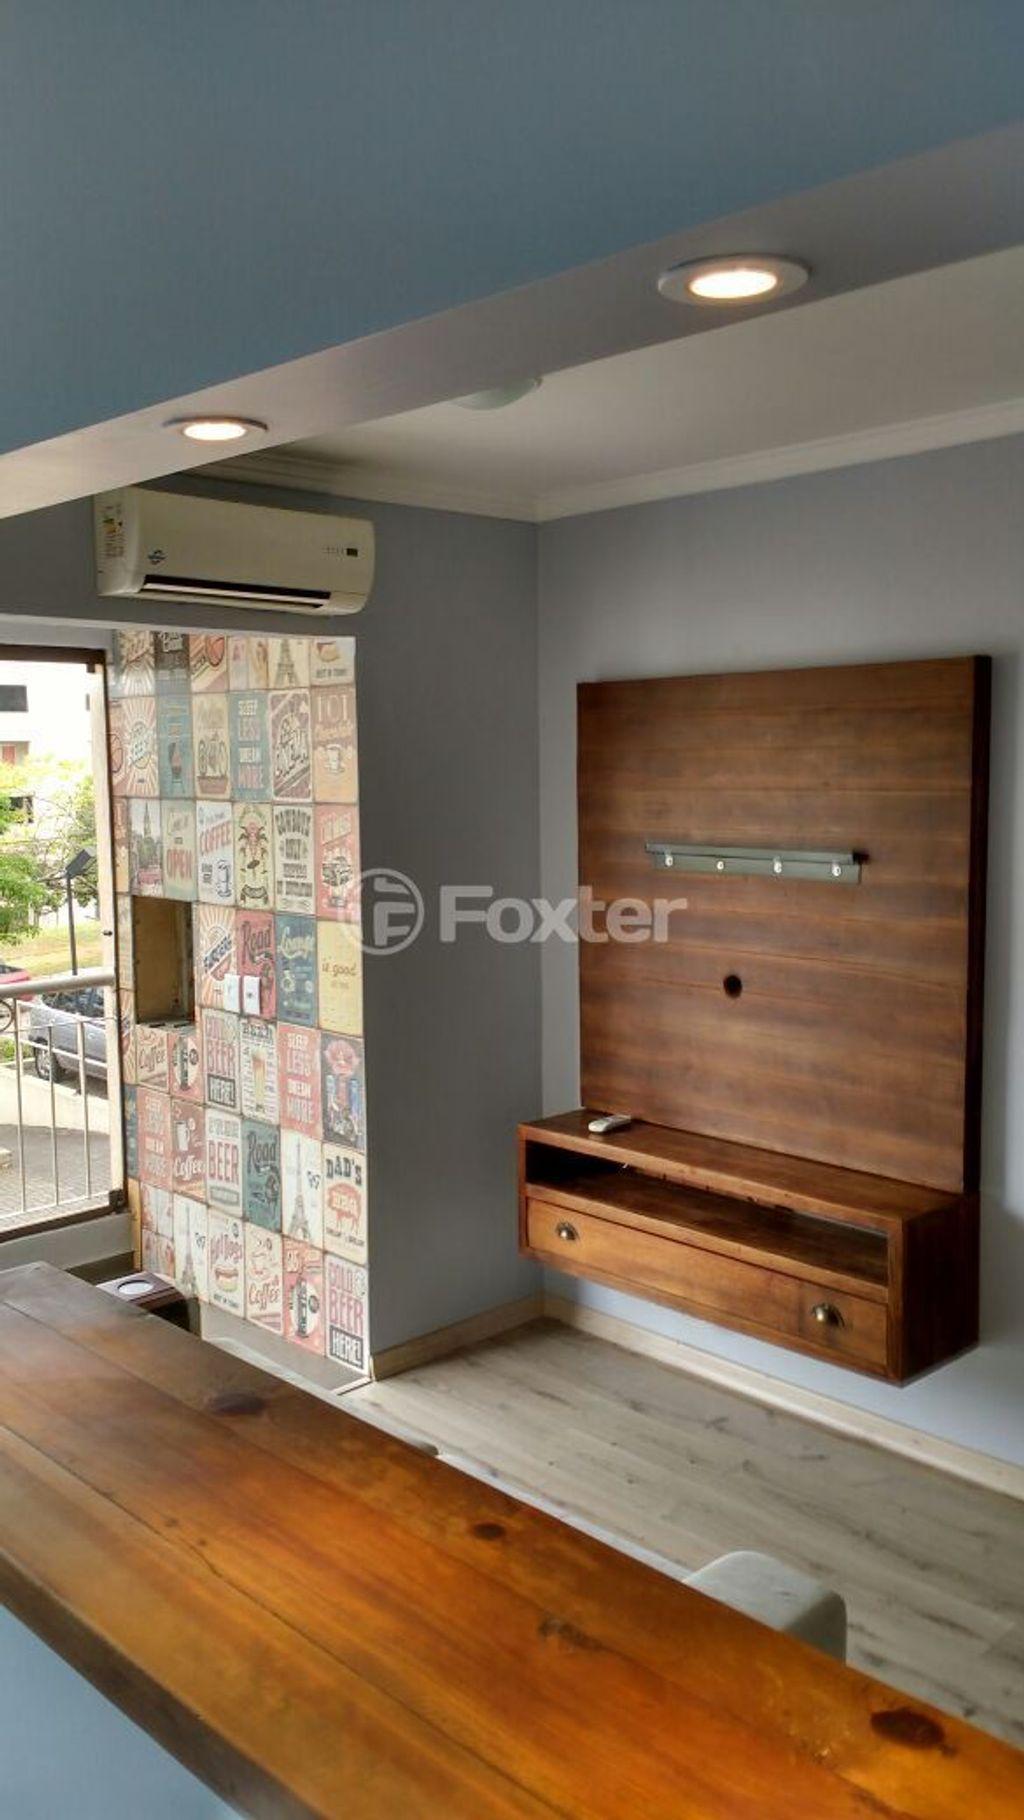 Foxter Imobiliária - Apto 1 Dorm, Sarandi (148755) - Foto 15